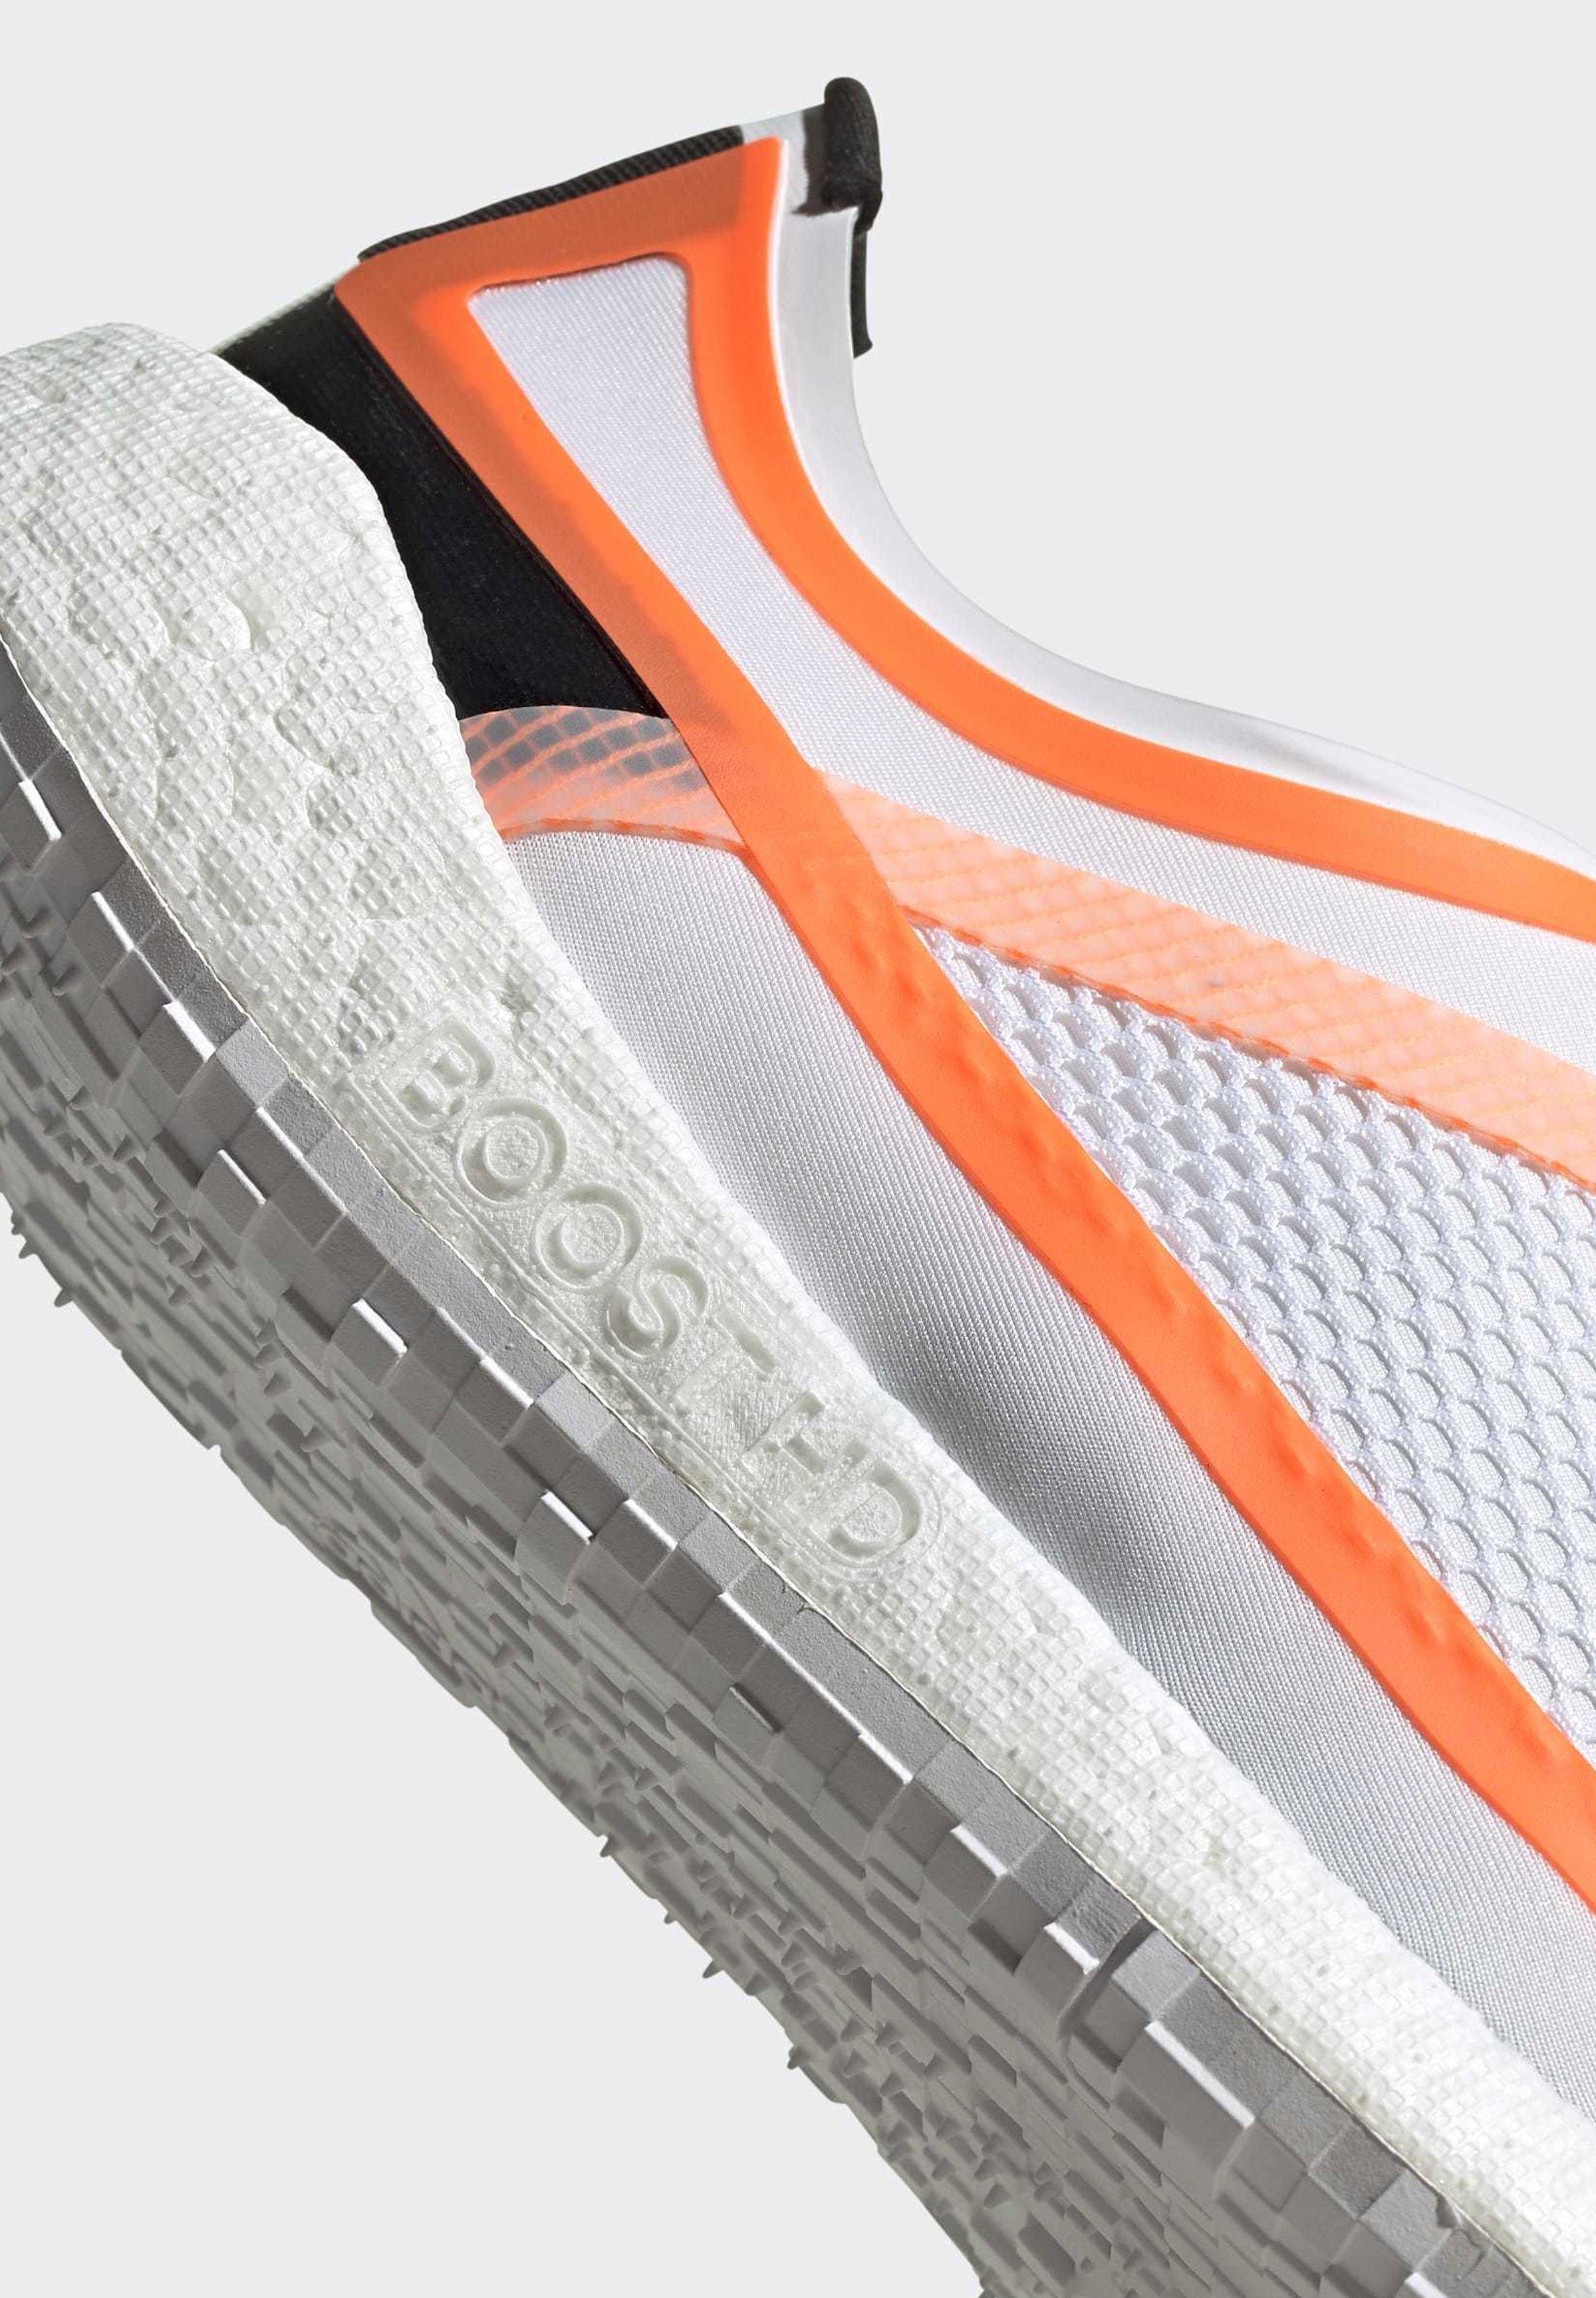 Adidas By Stella Mccartney 2020-03-02 Pulseboost Hd Shoes - Löparskor Terräng White